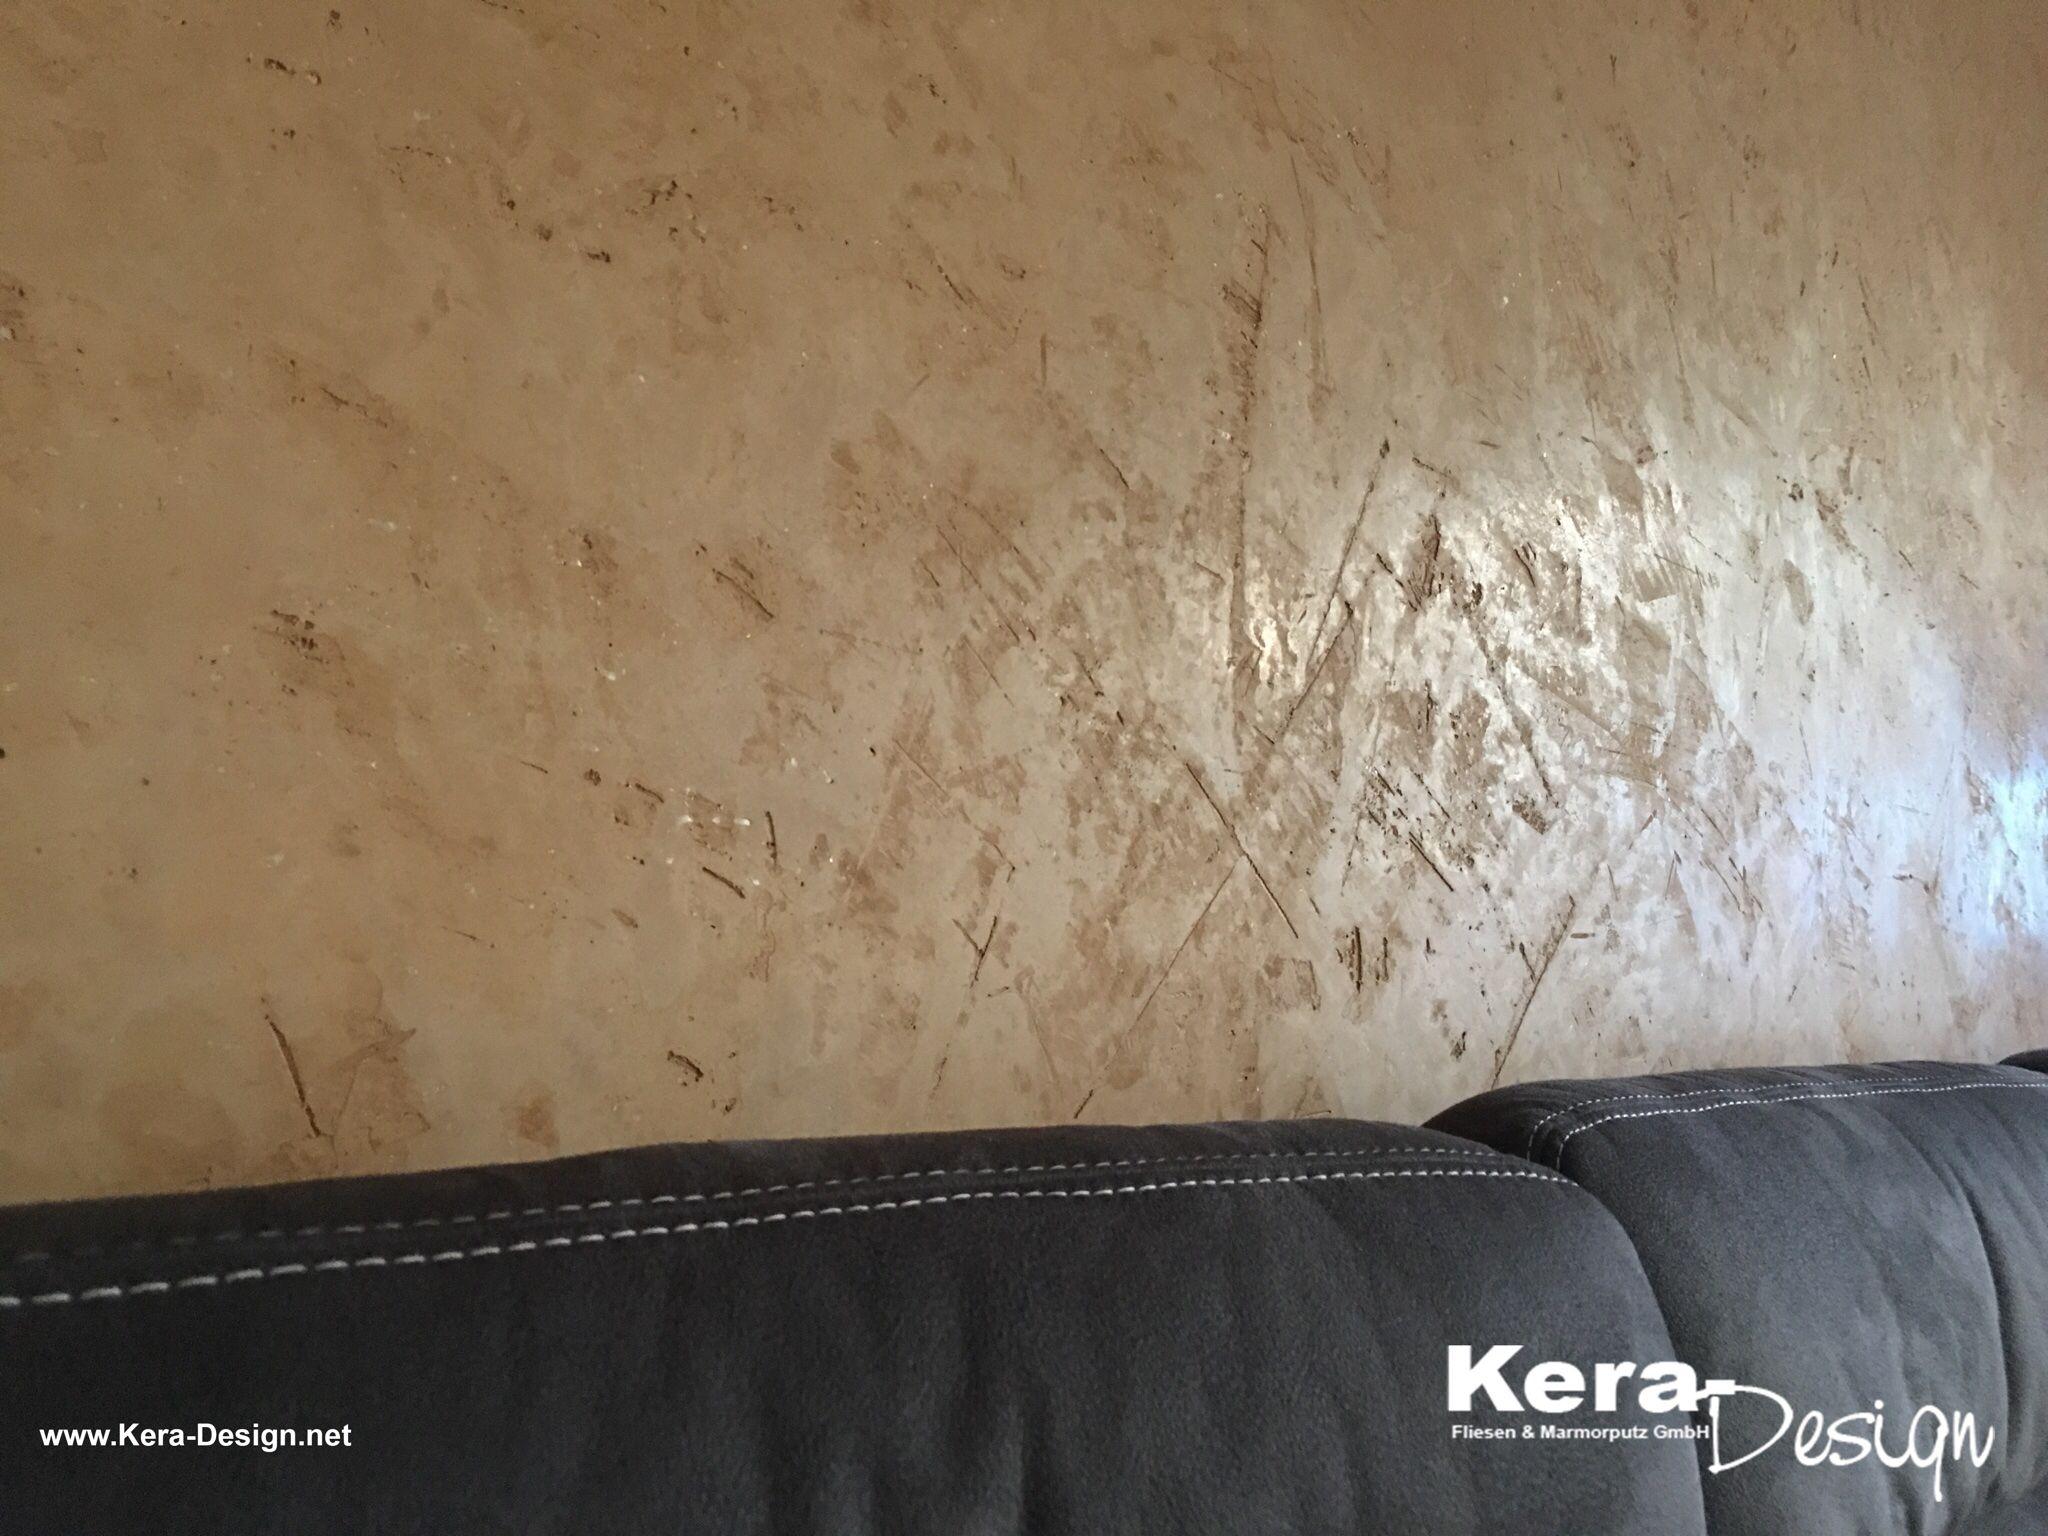 Akzentwand mit Volimea Marmorputz in Braunschweig von KeraDesign Fliesen  Marmorputz GmbH